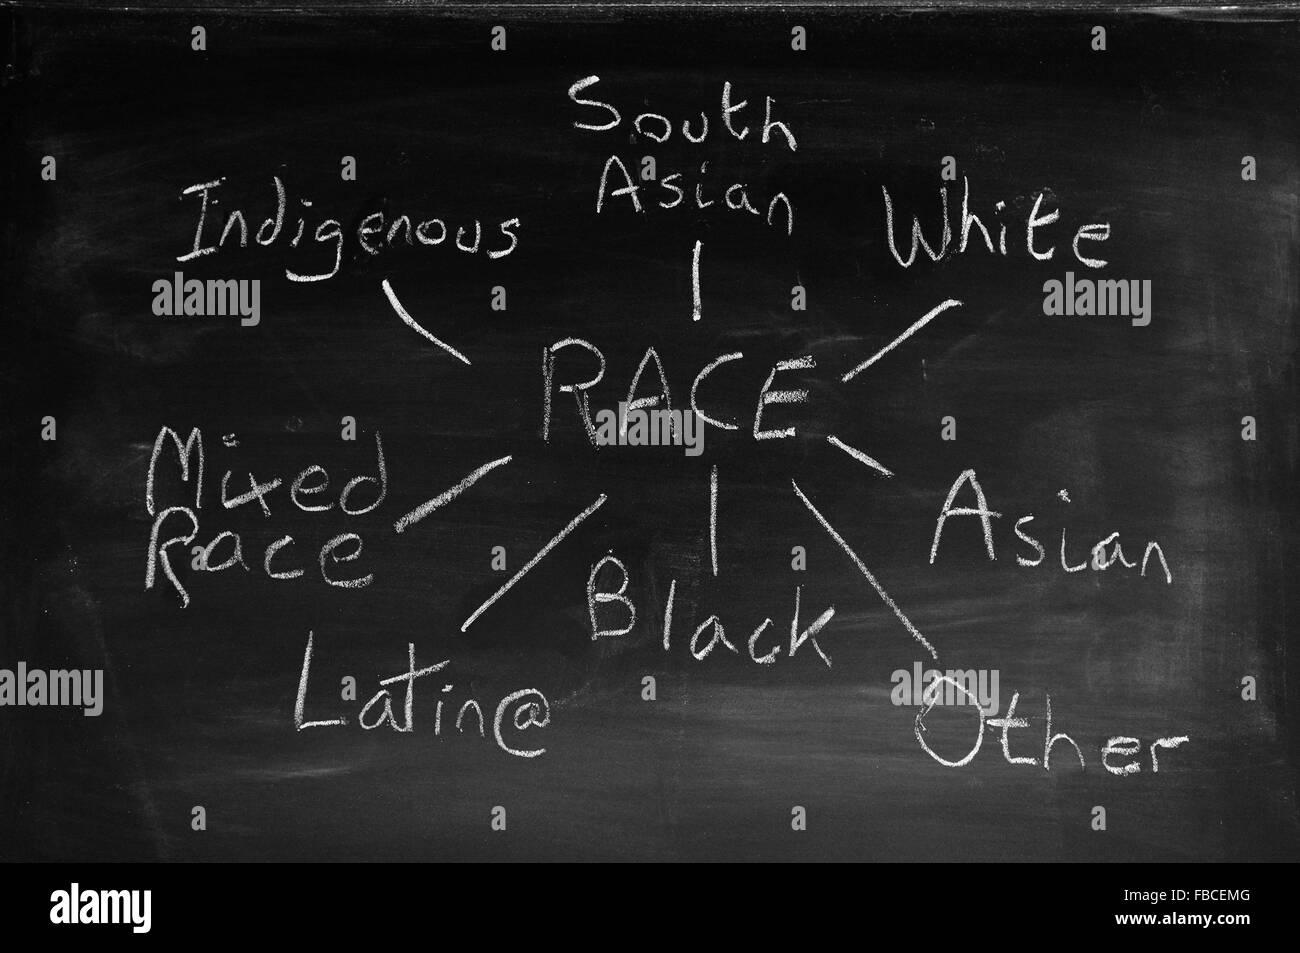 Un diagrama de asociación de palabras acerca de la raza dibujado en una pizarra. Imagen De Stock